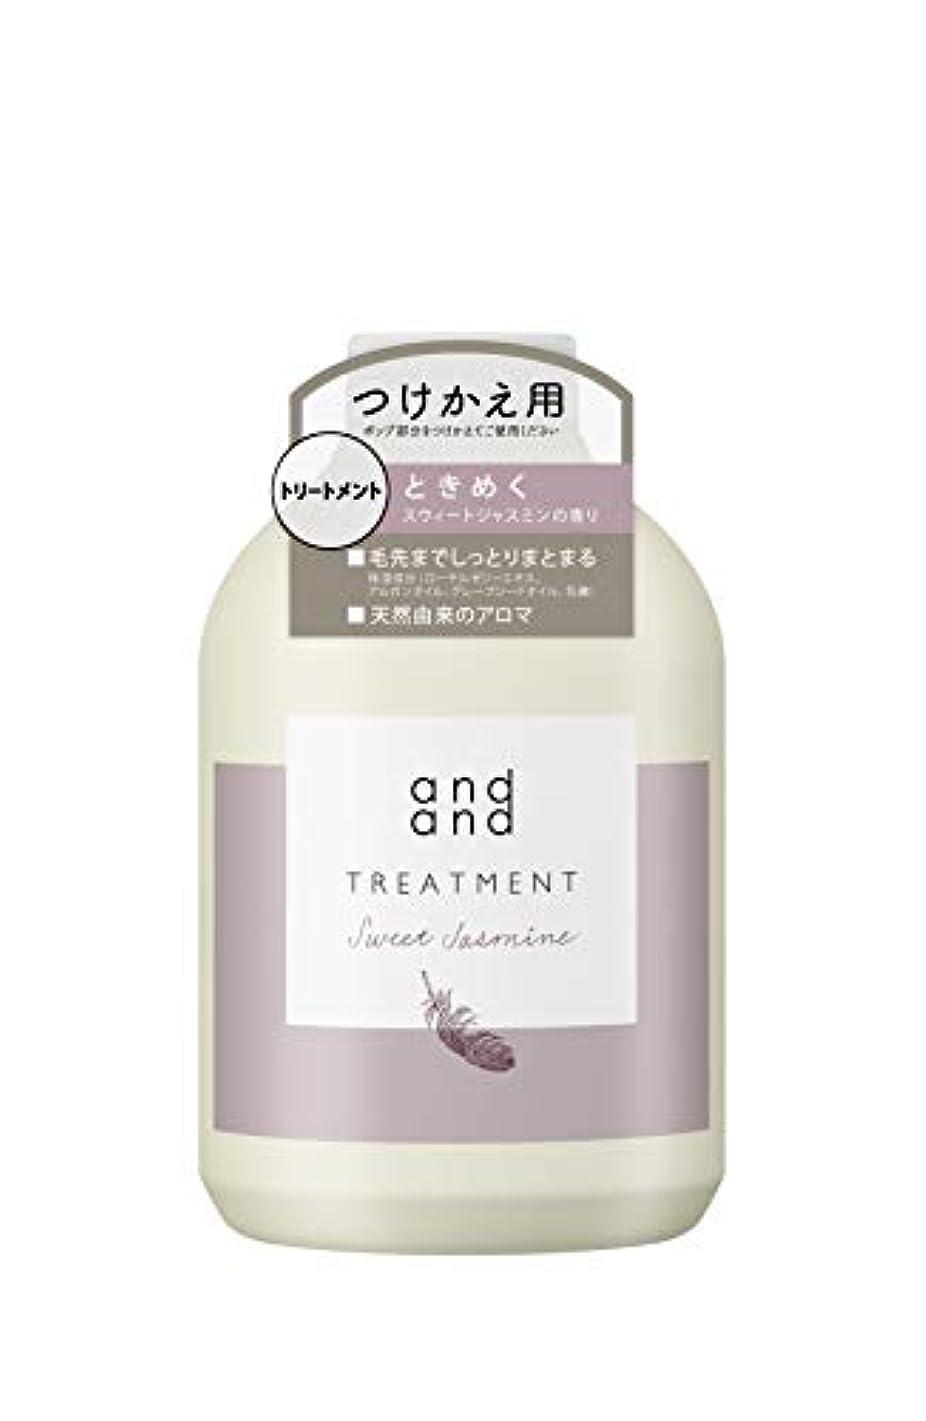 クラブ色鮫andand(アンドアンド) ときめく[ノンシリコーン処方] トリートメント スウィートジャスミンの香り つけかえ用 480ml